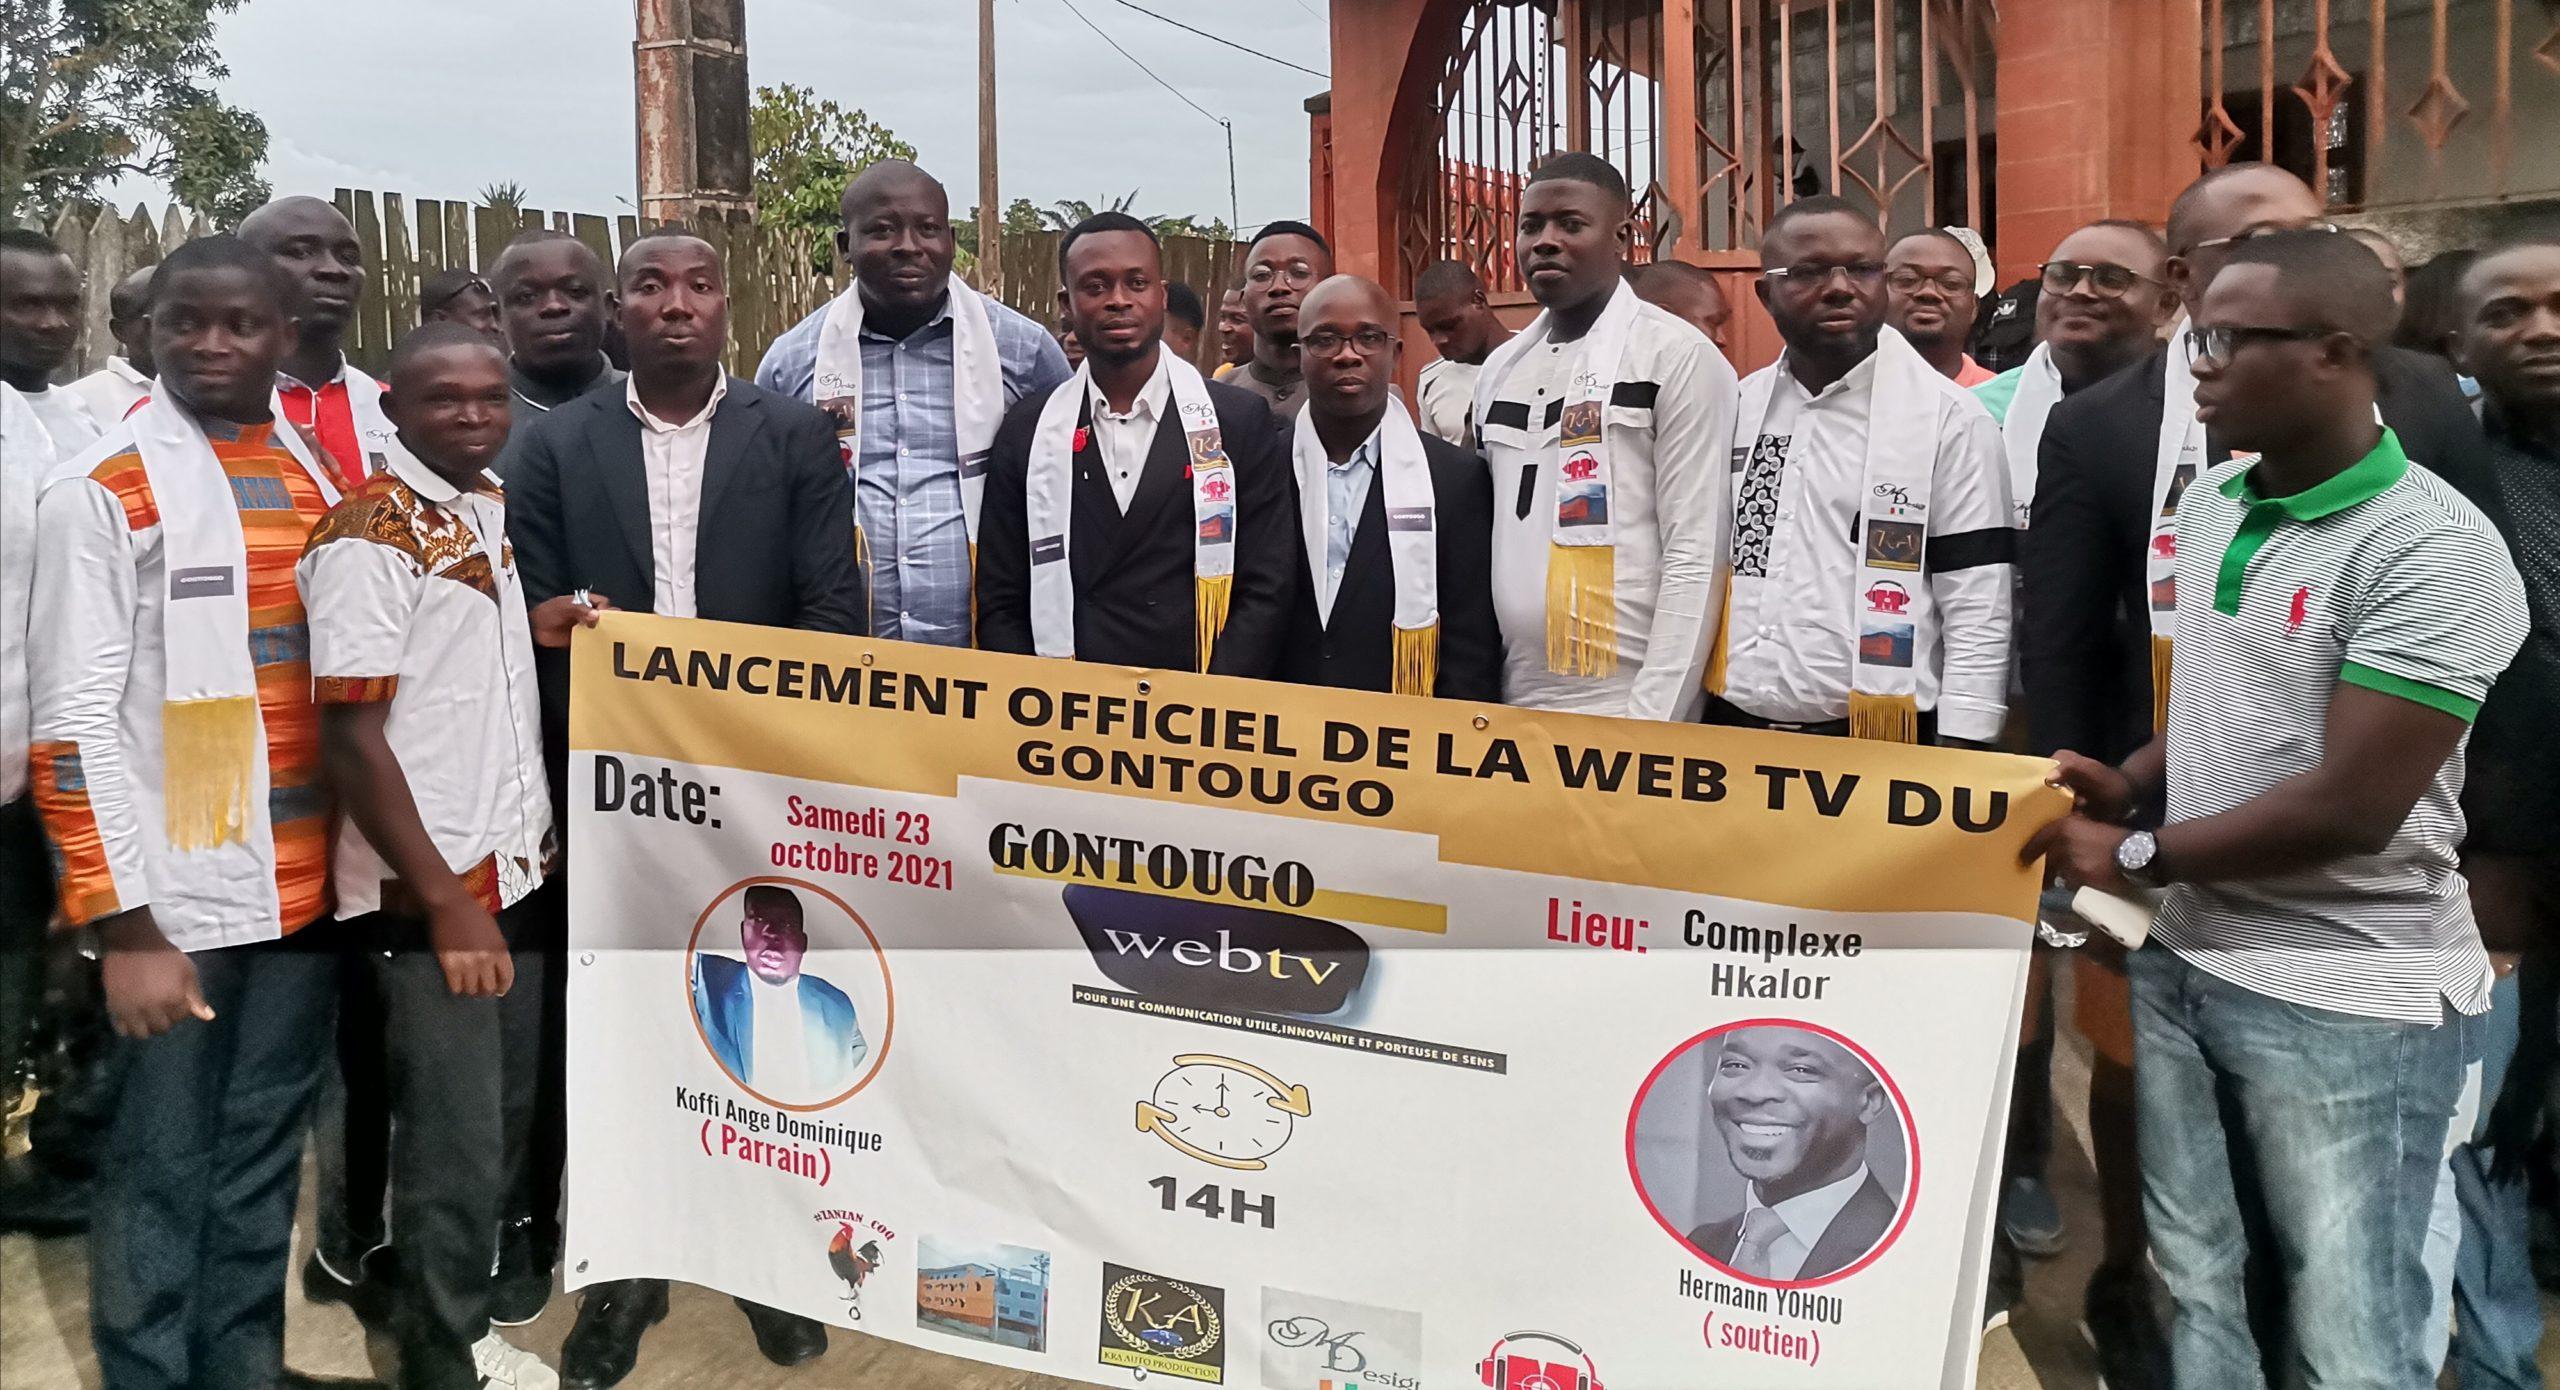 GONTOUGO TV : UNE WEB TV POUR PROMOUVOIR LA CULTURE DE LA RÉGION DU GONTOUGO.